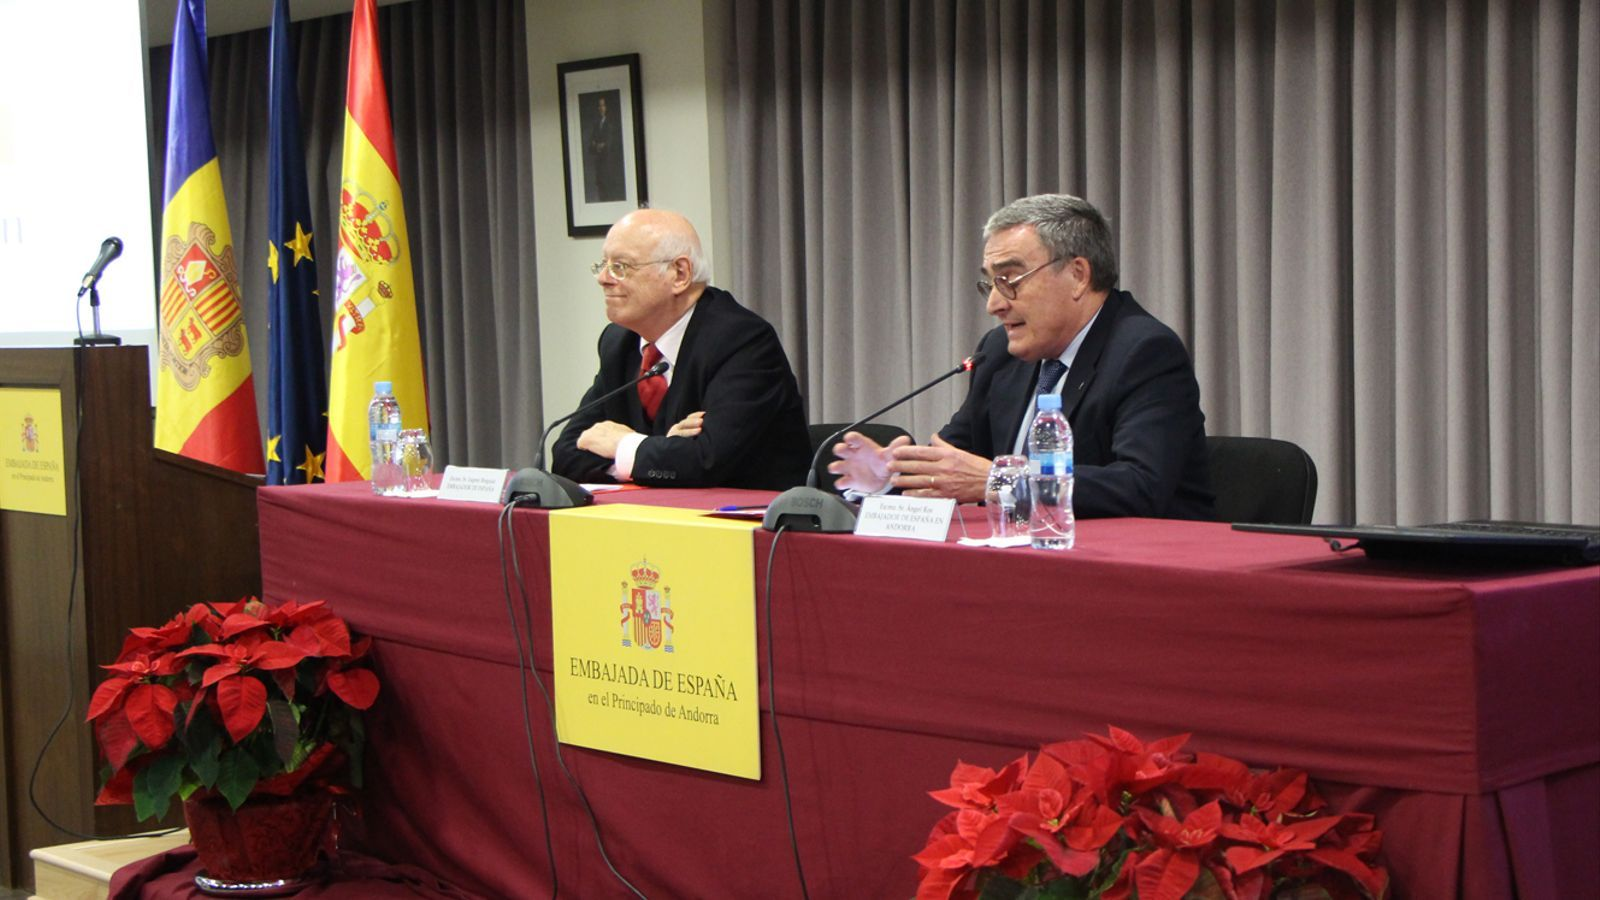 L'exambaixador d'Espanya a Andorra, Eugeni Bregolat, i l'actual ambaixador, Àngel Ros, aquest dimarts. / M. P. (ANA)